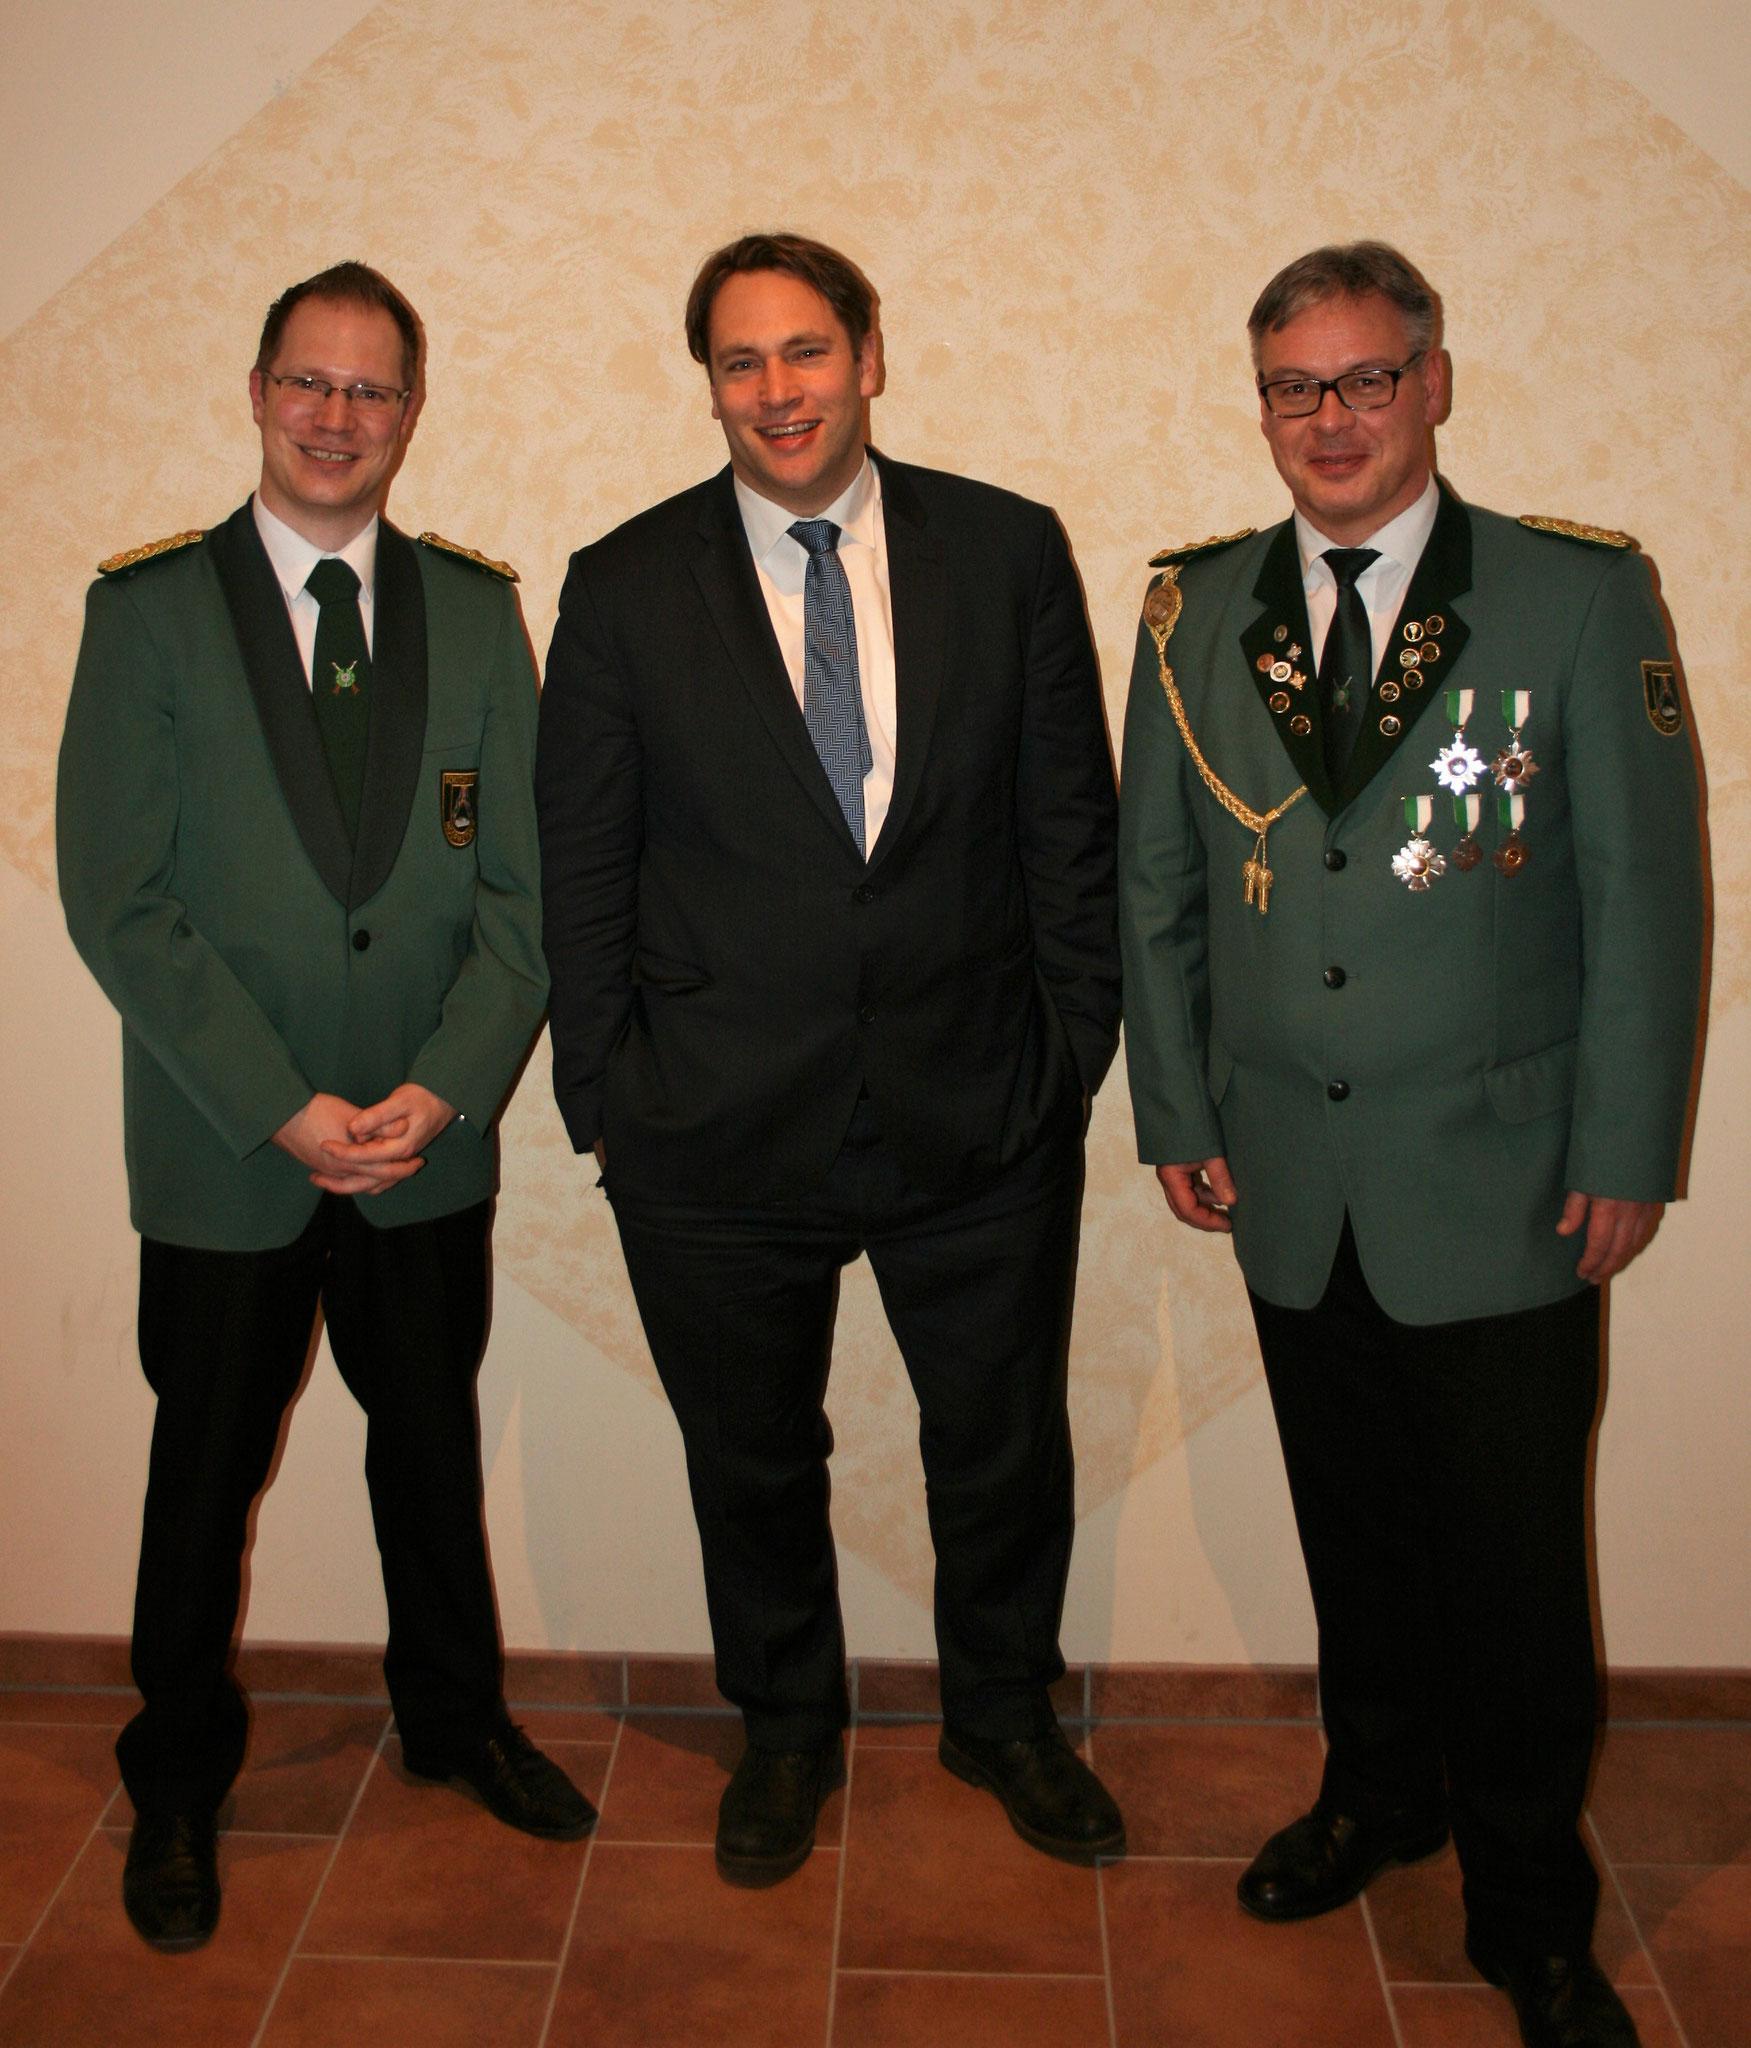 Mit Martin Buhk (re., 1. Vorsitzender des Schützenvereins Moorwerder) und dem 2. Vorsitzenden